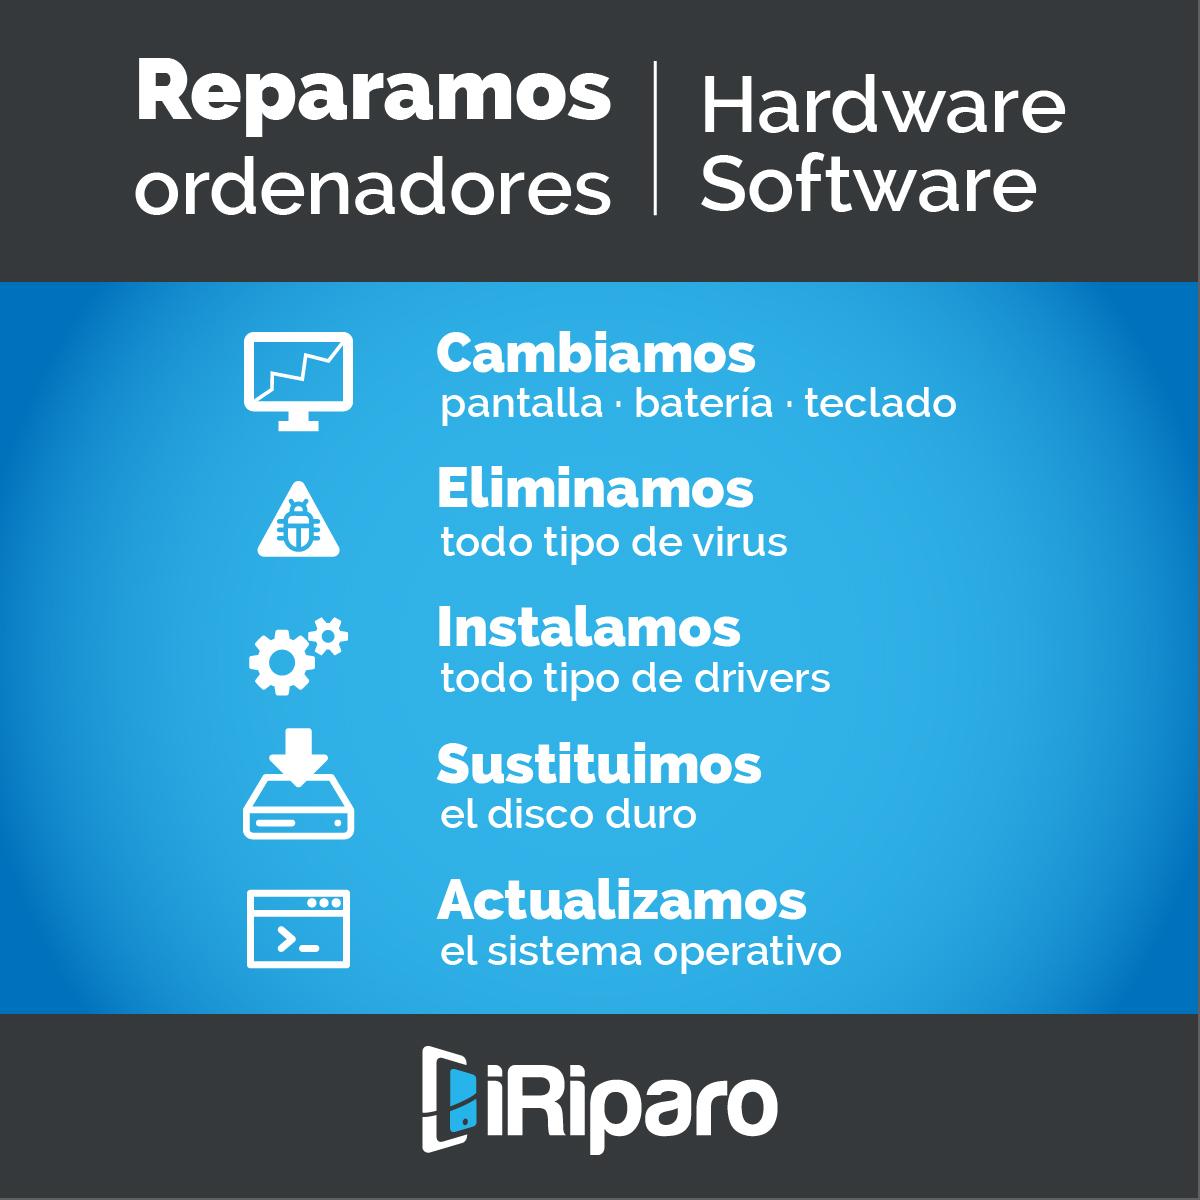 iRiparo Store Alicante Calderón de la Barca